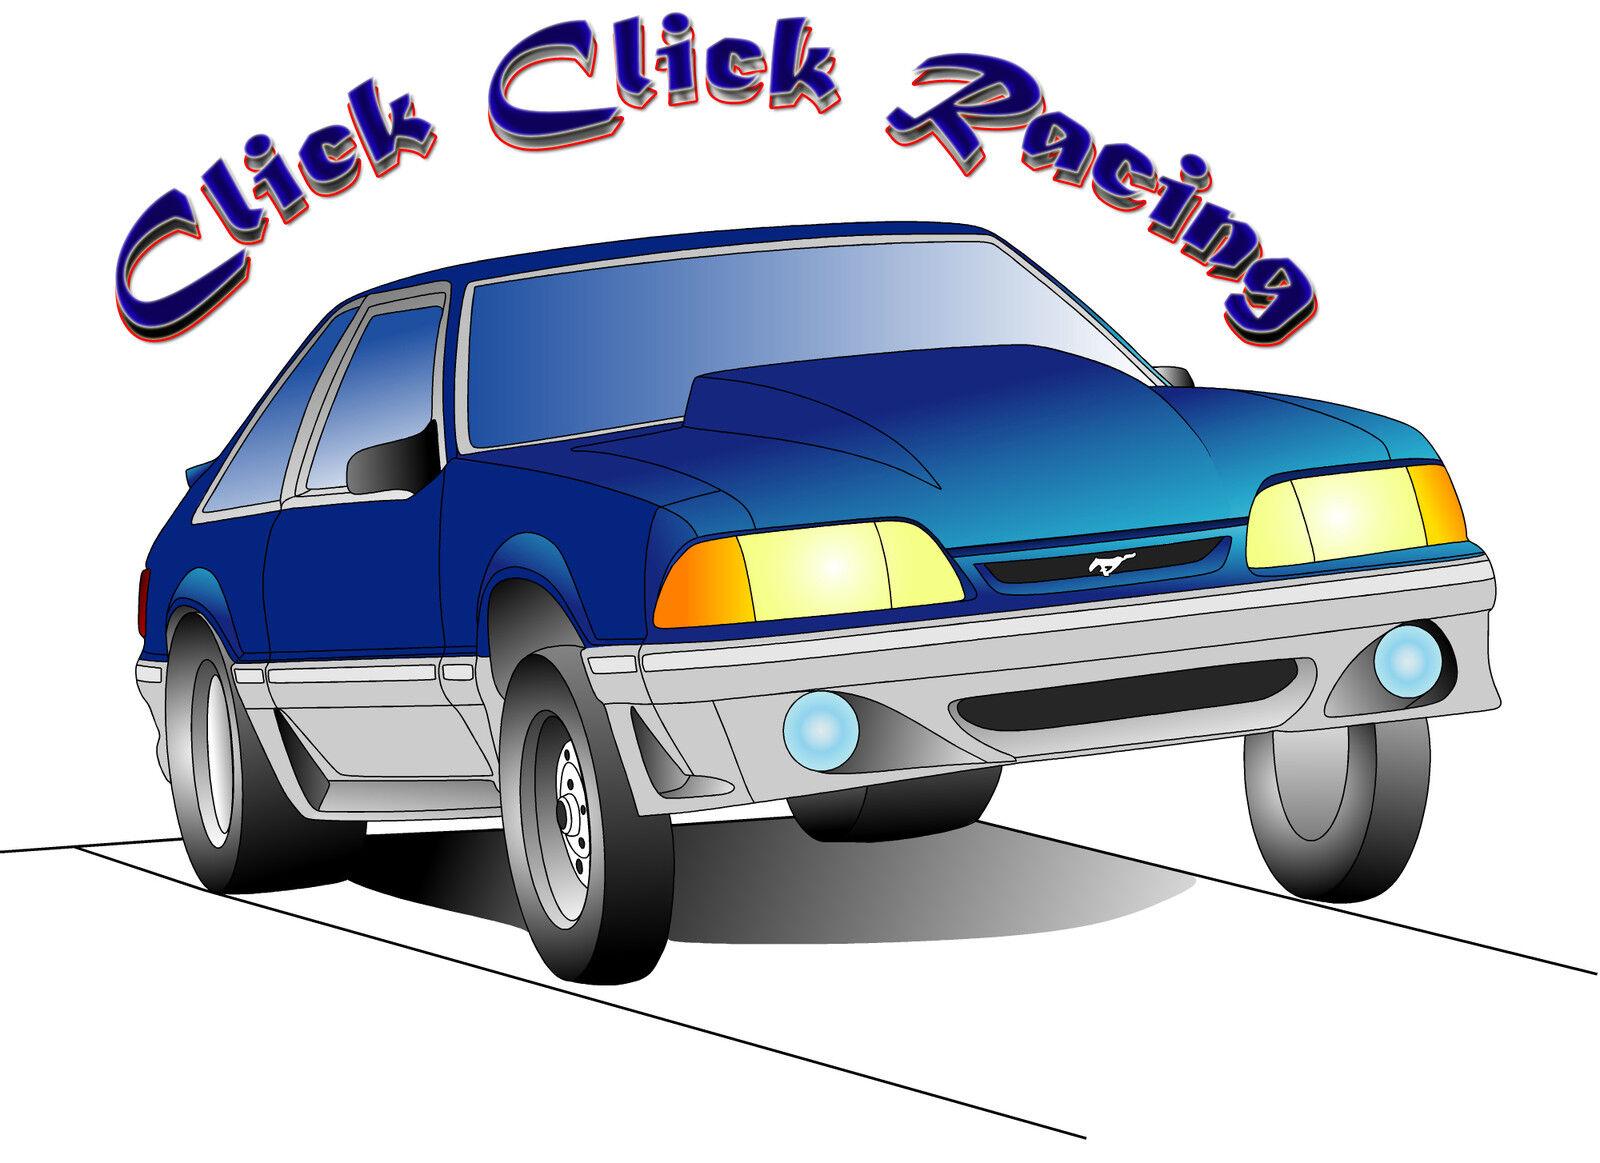 Click Click Racing